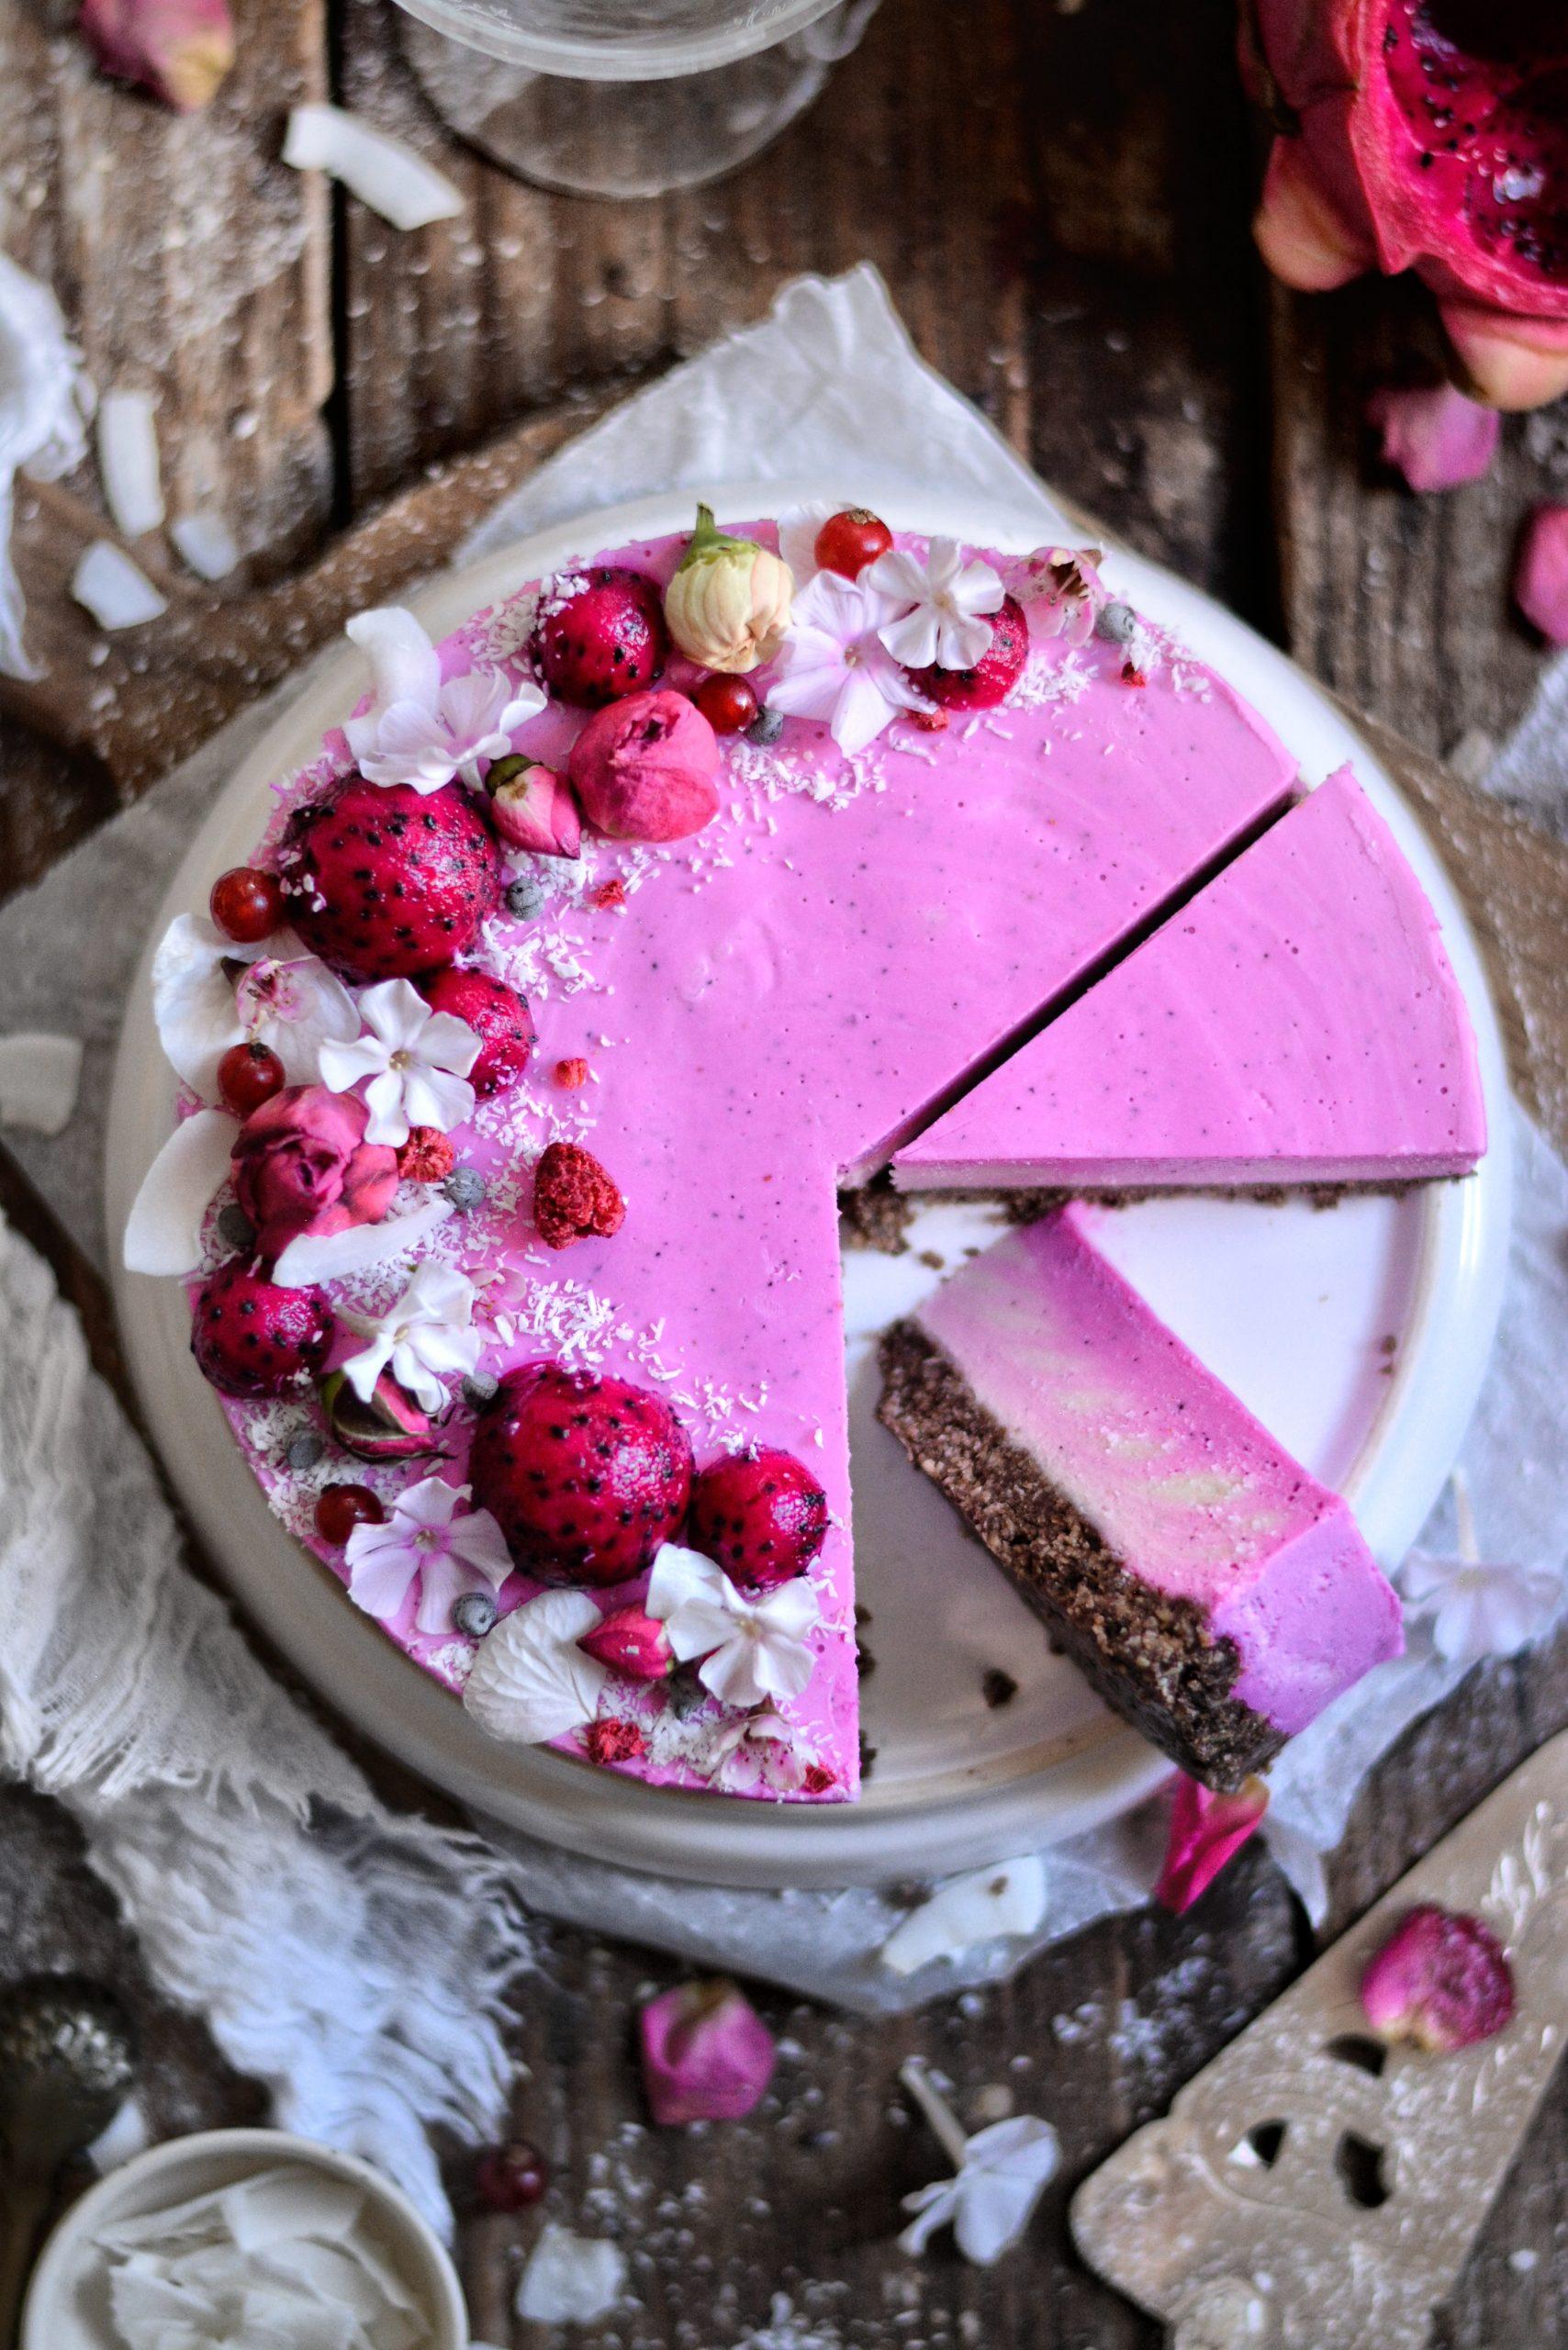 Cheesecake Vegan Sans Gluten Rose et Pitaya / Vegan Gluten Free Rose and Pitaya Cheesecake